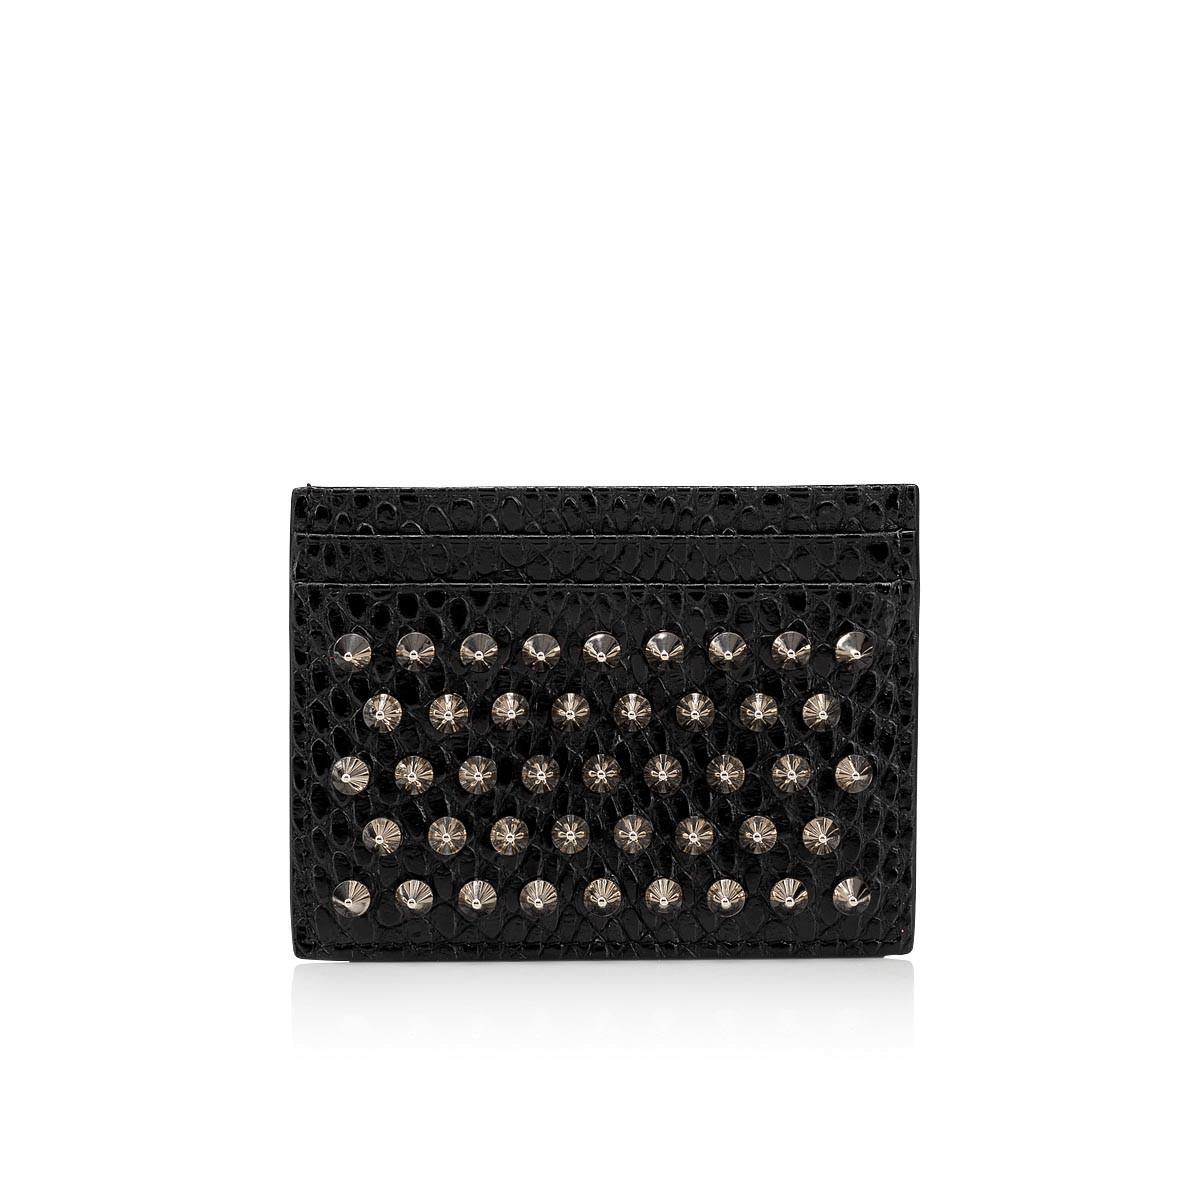 Small Leather Goods - W Kios - Christian Louboutin